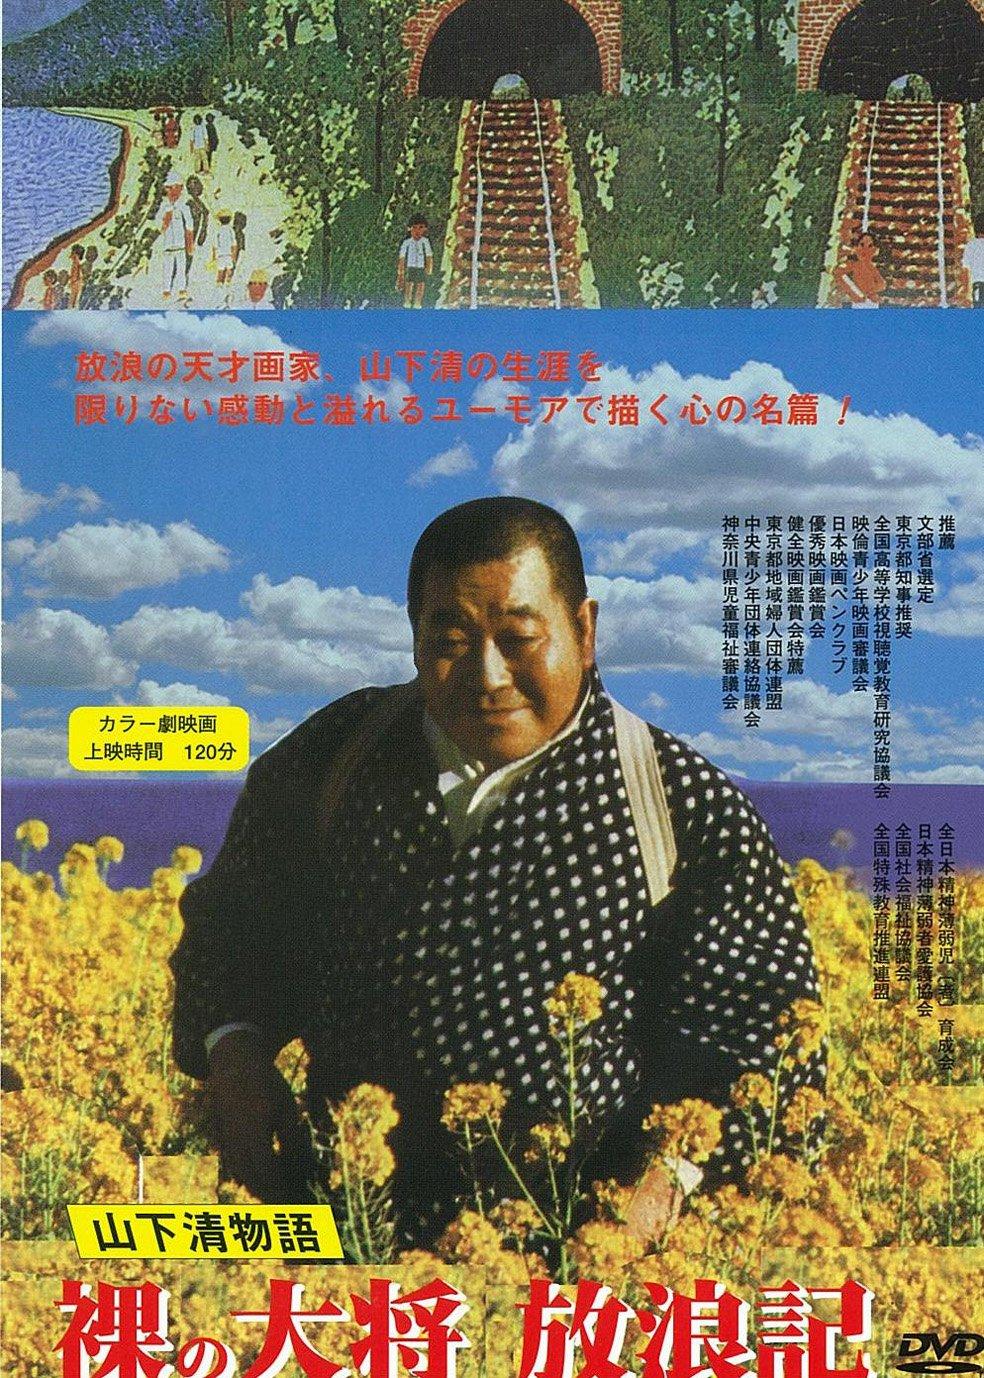 裸の大将放浪記 山下清物語 [DVD] B001F055IG